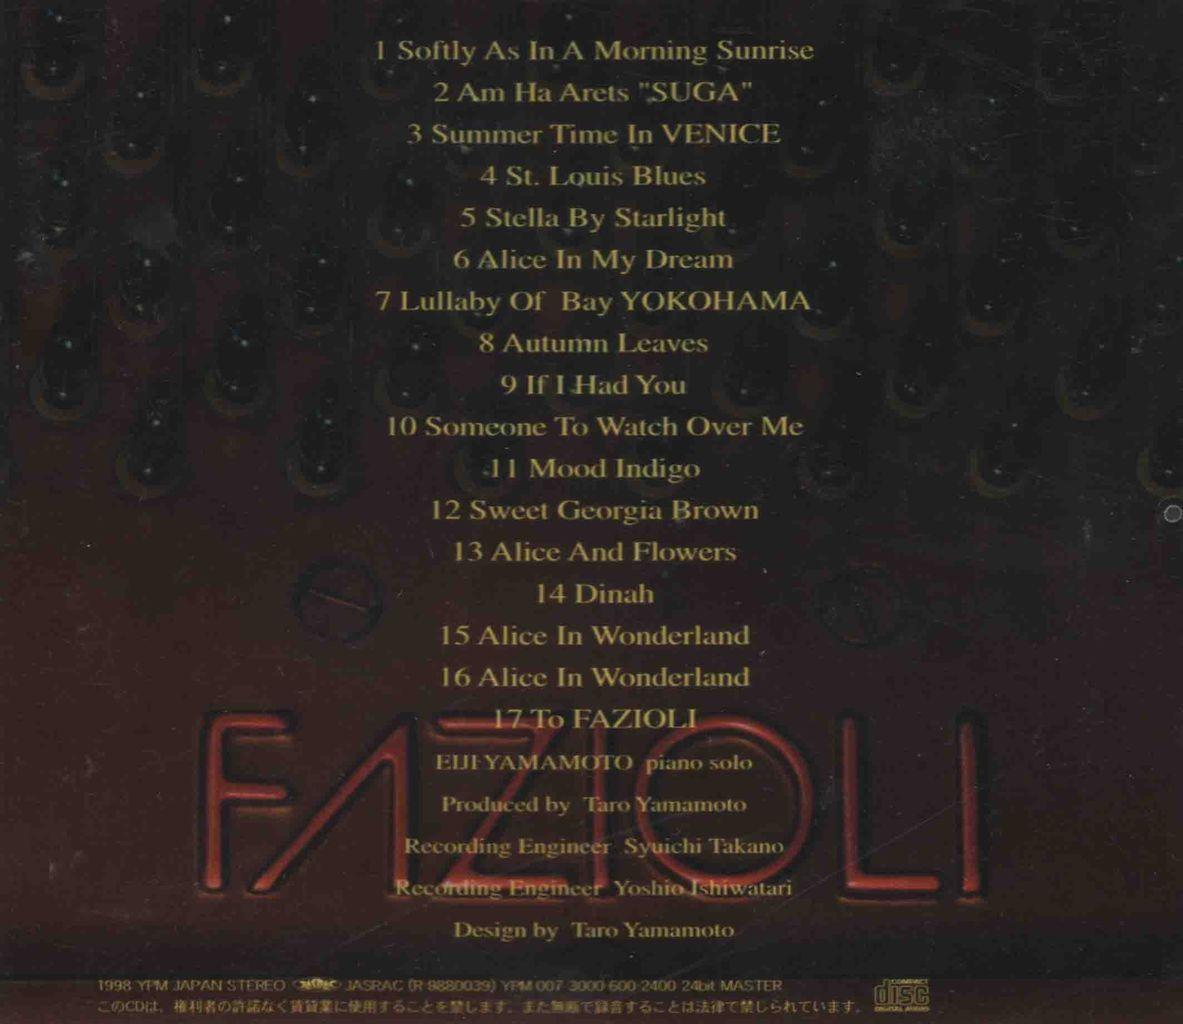 TO FAZIOLI-2